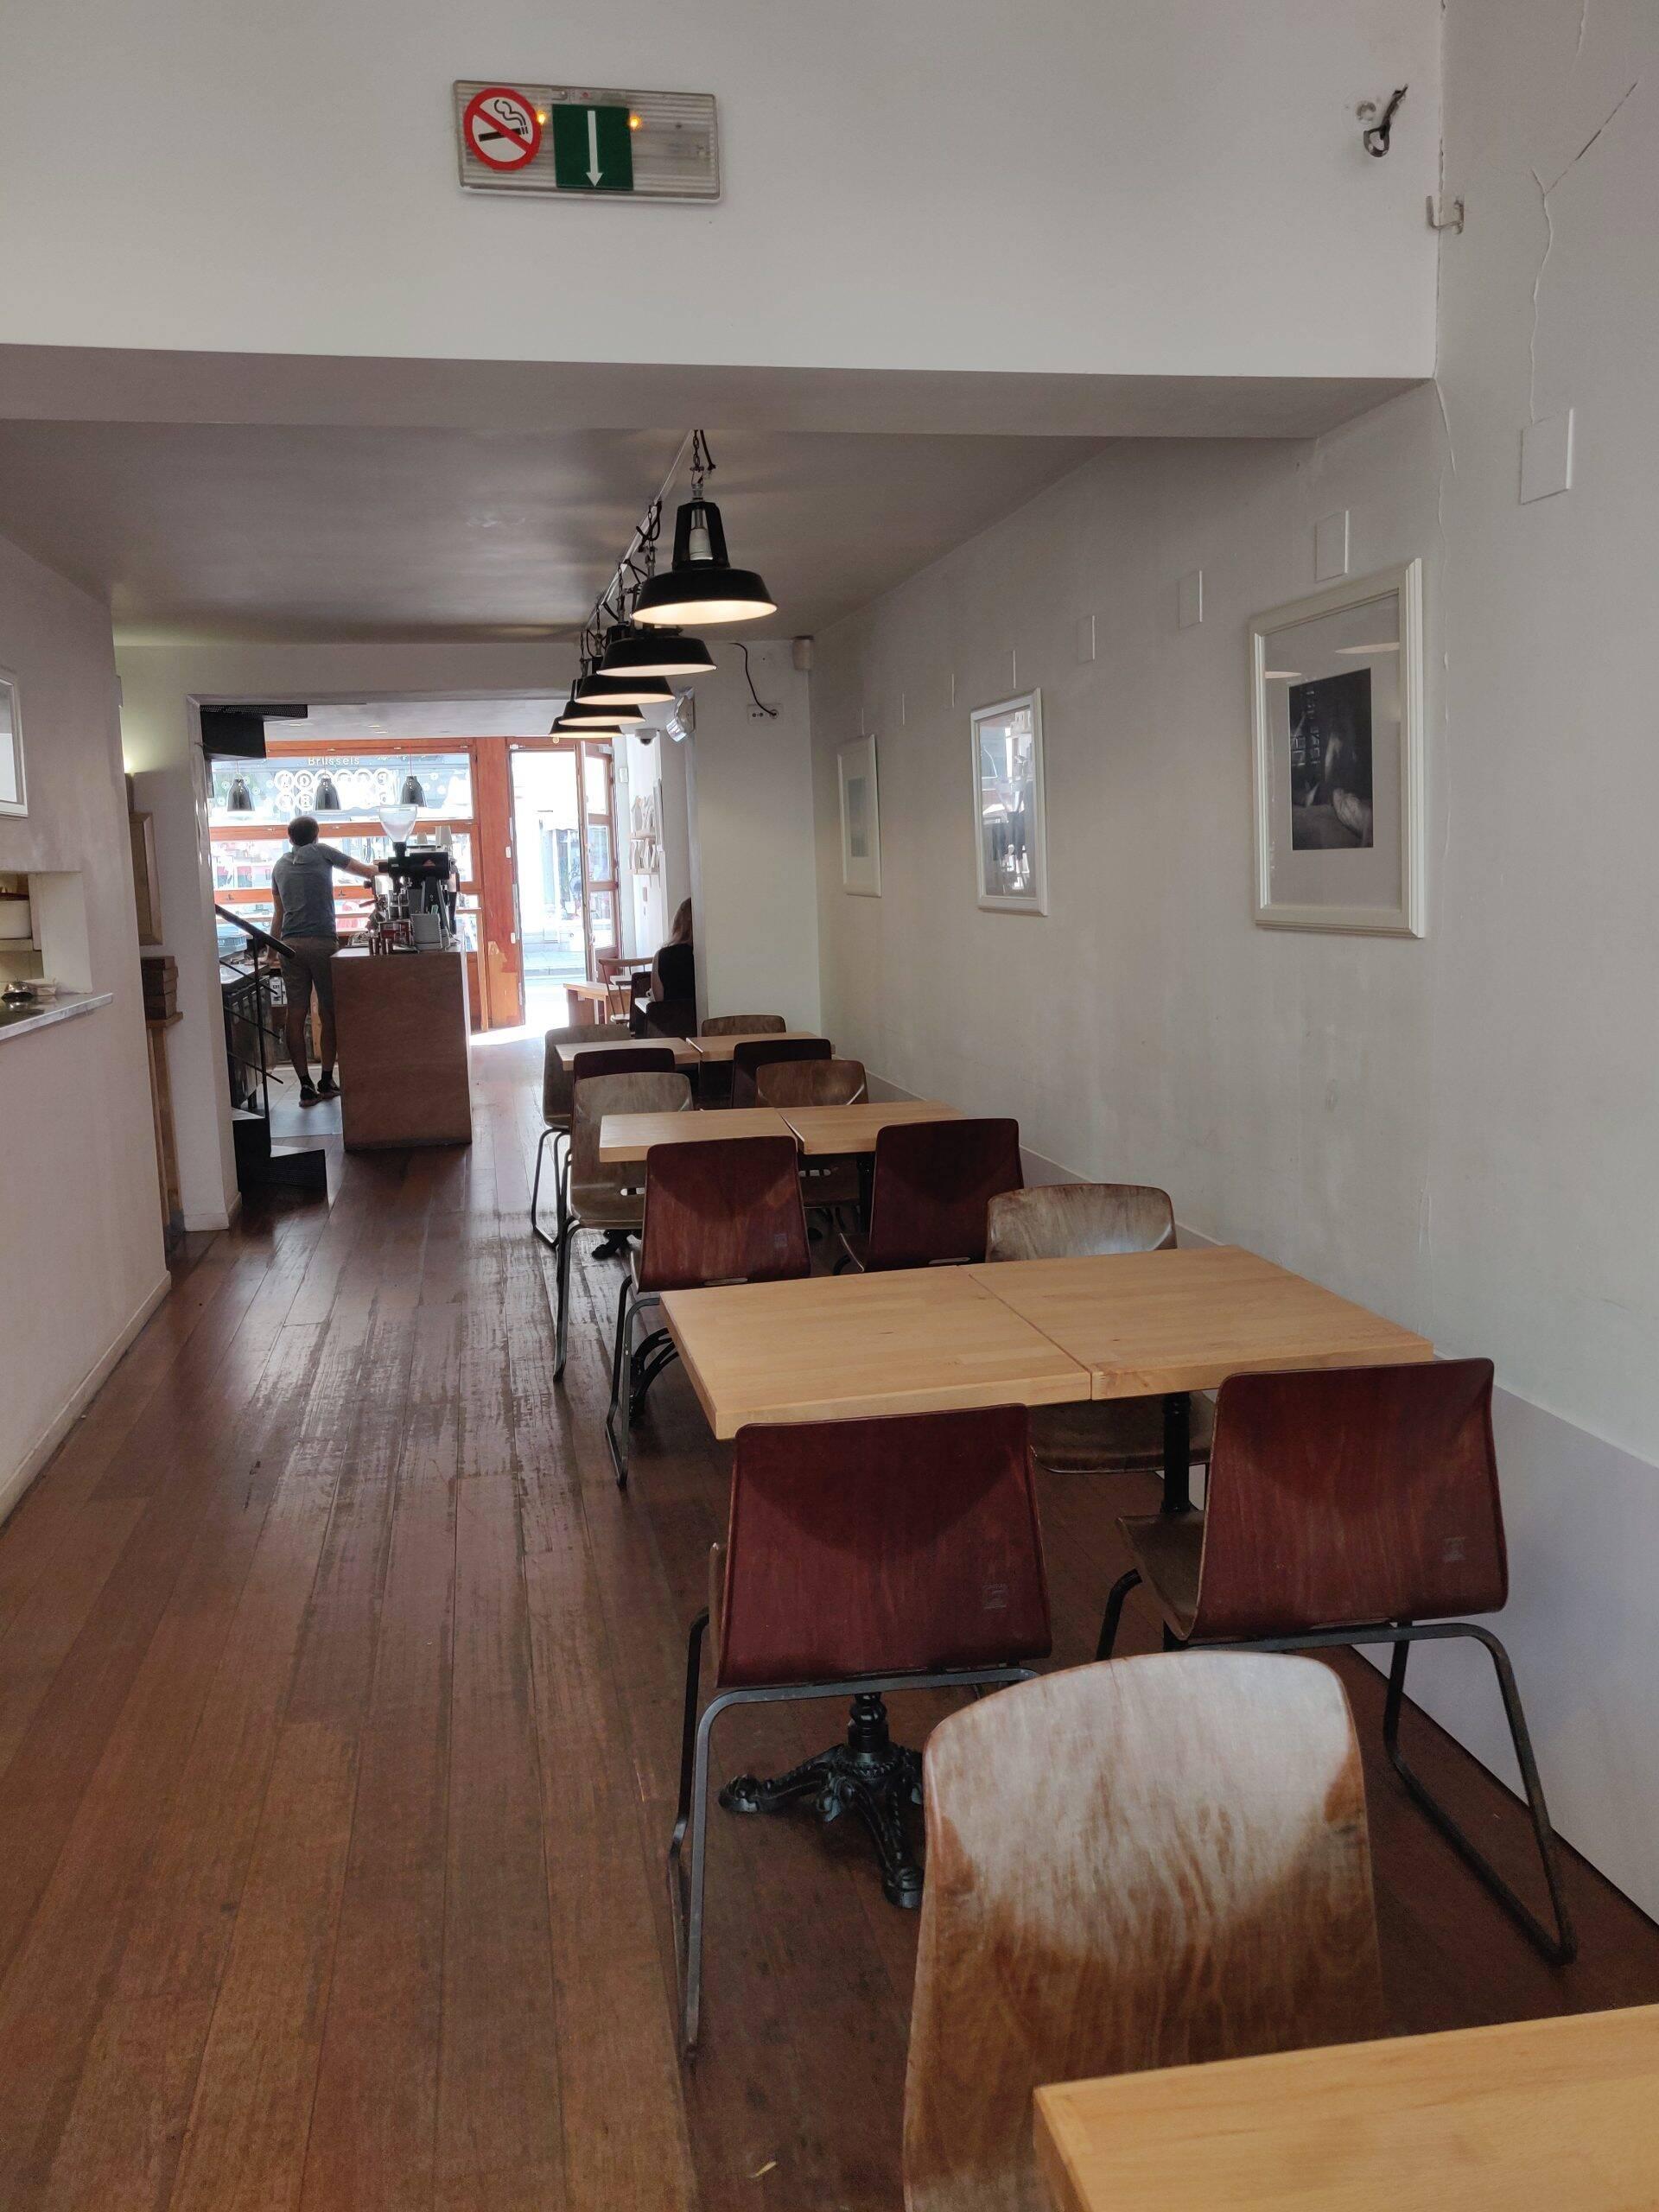 Parlor Coffee Roasters in Brussel